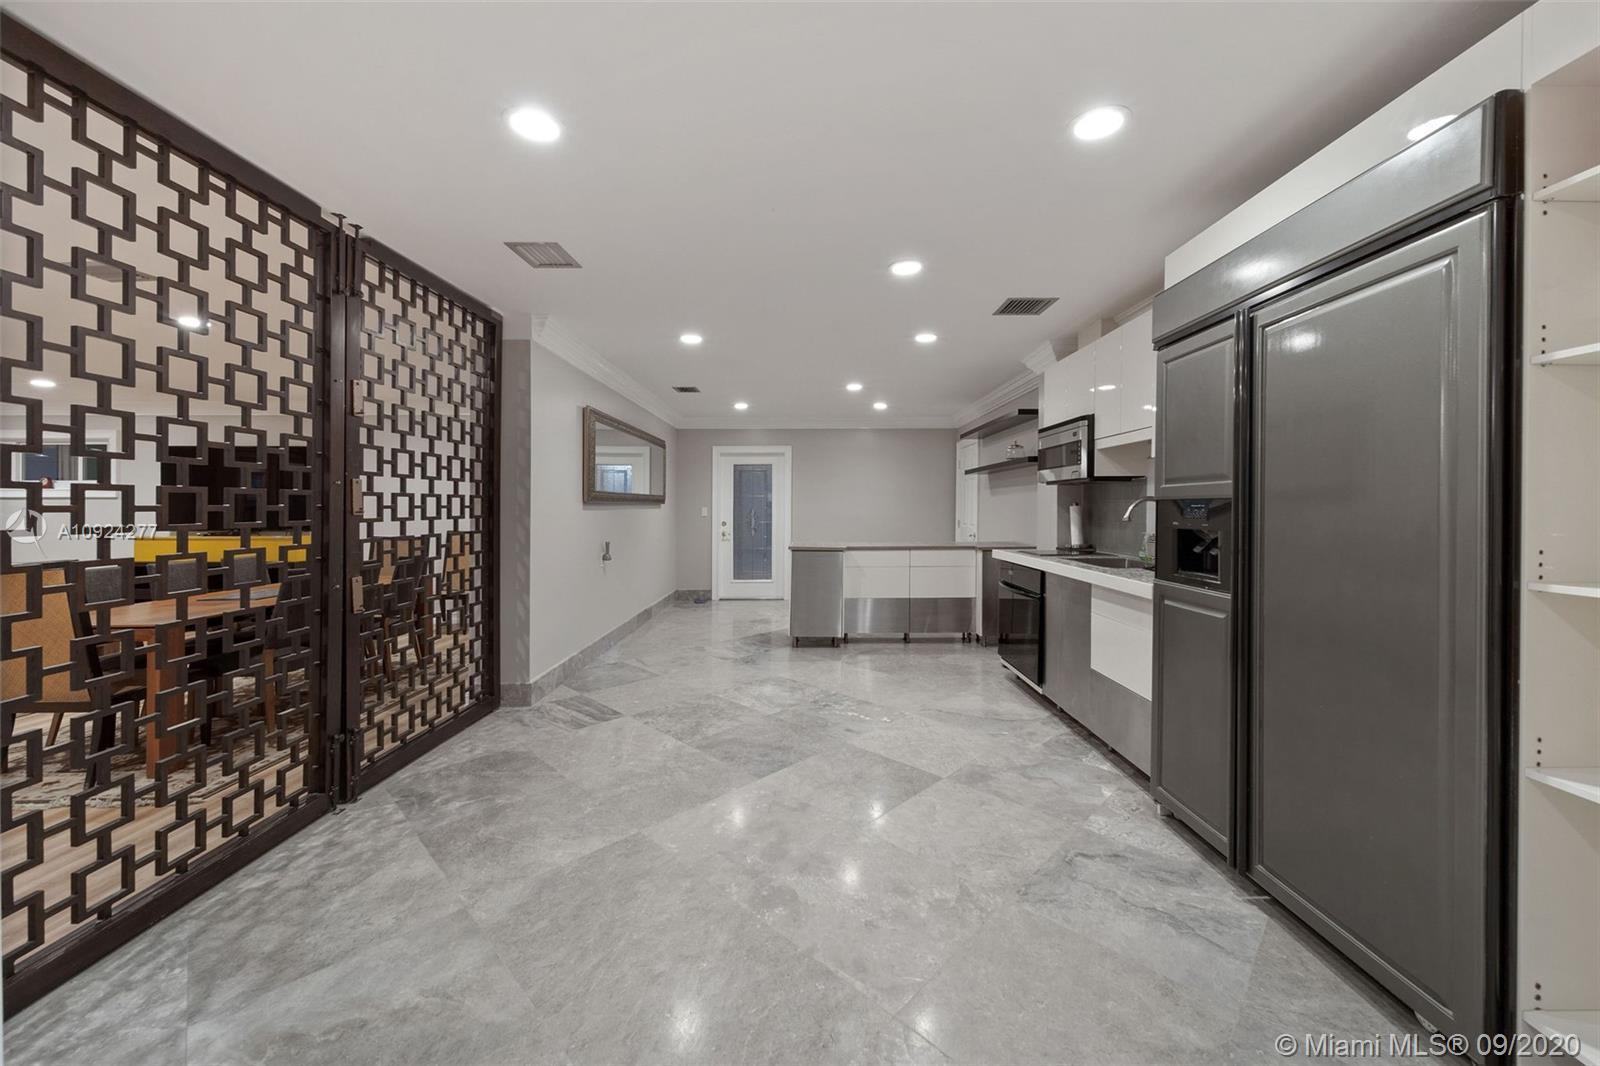 Sublevel kitchen